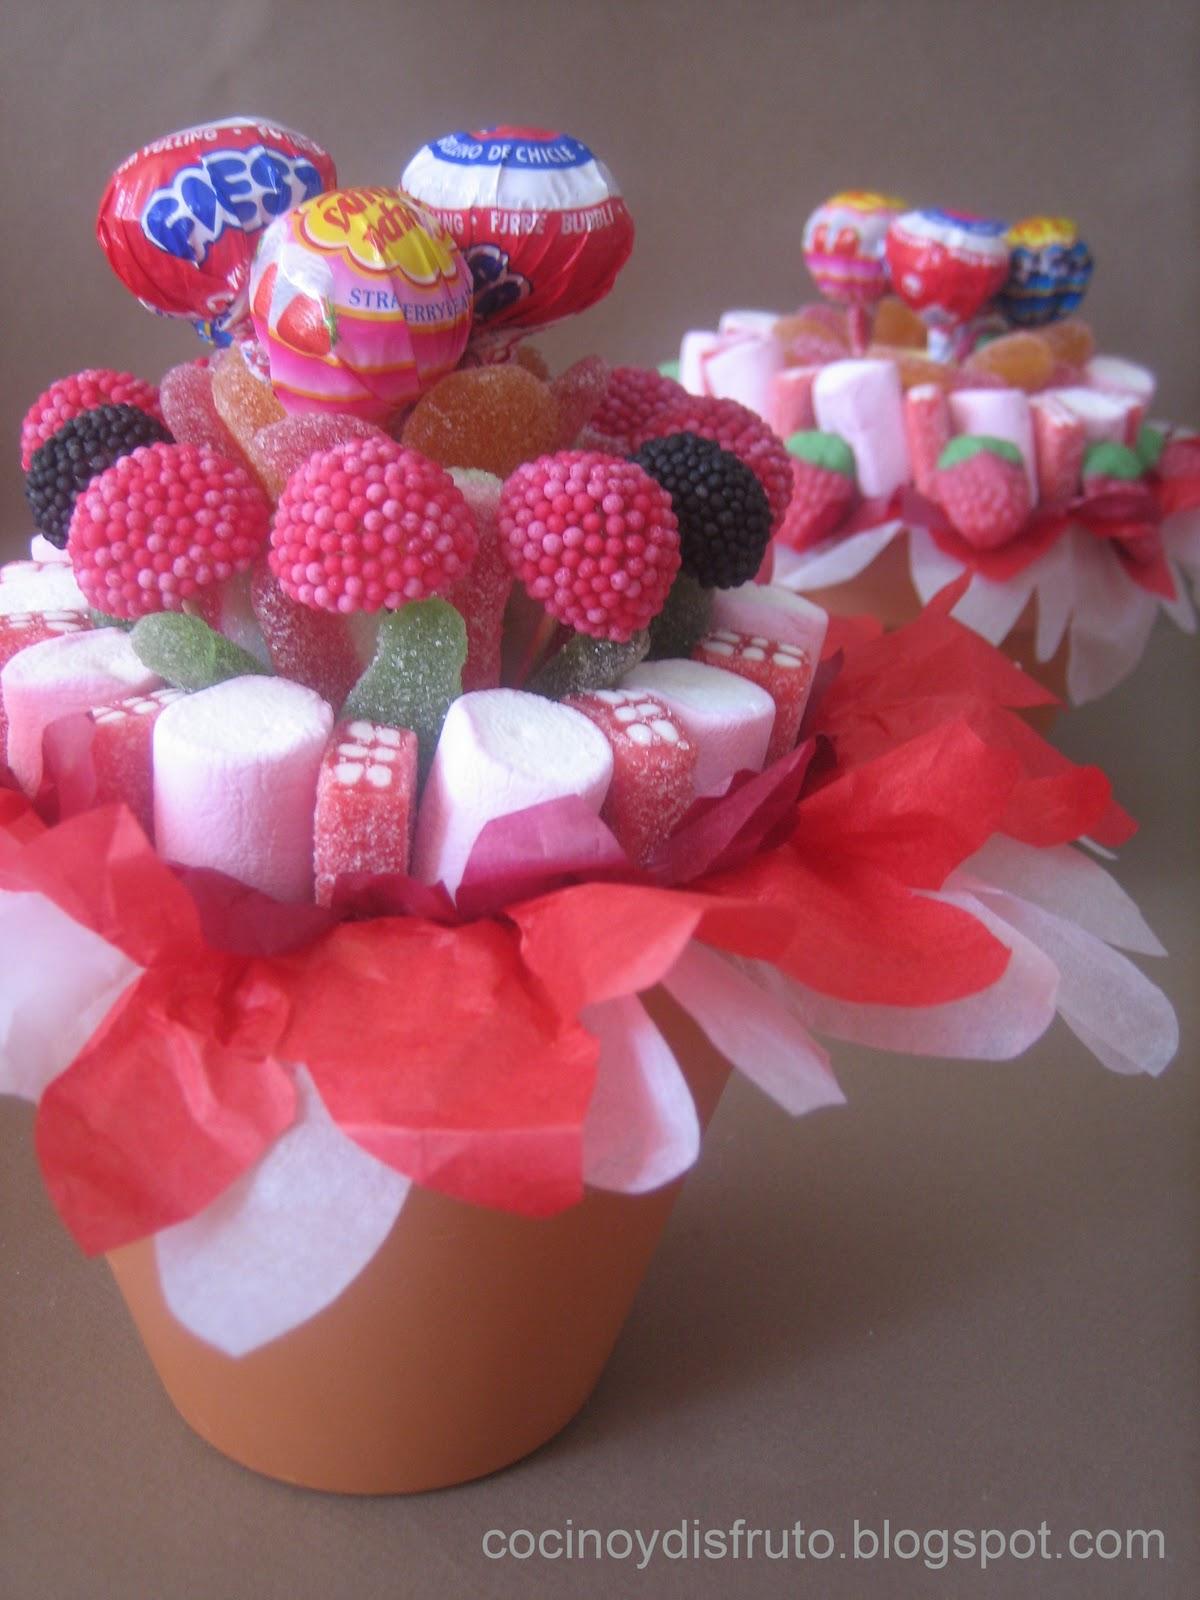 Cocino y disfruto macetas de gominolas for Ideas para mesas de chuches